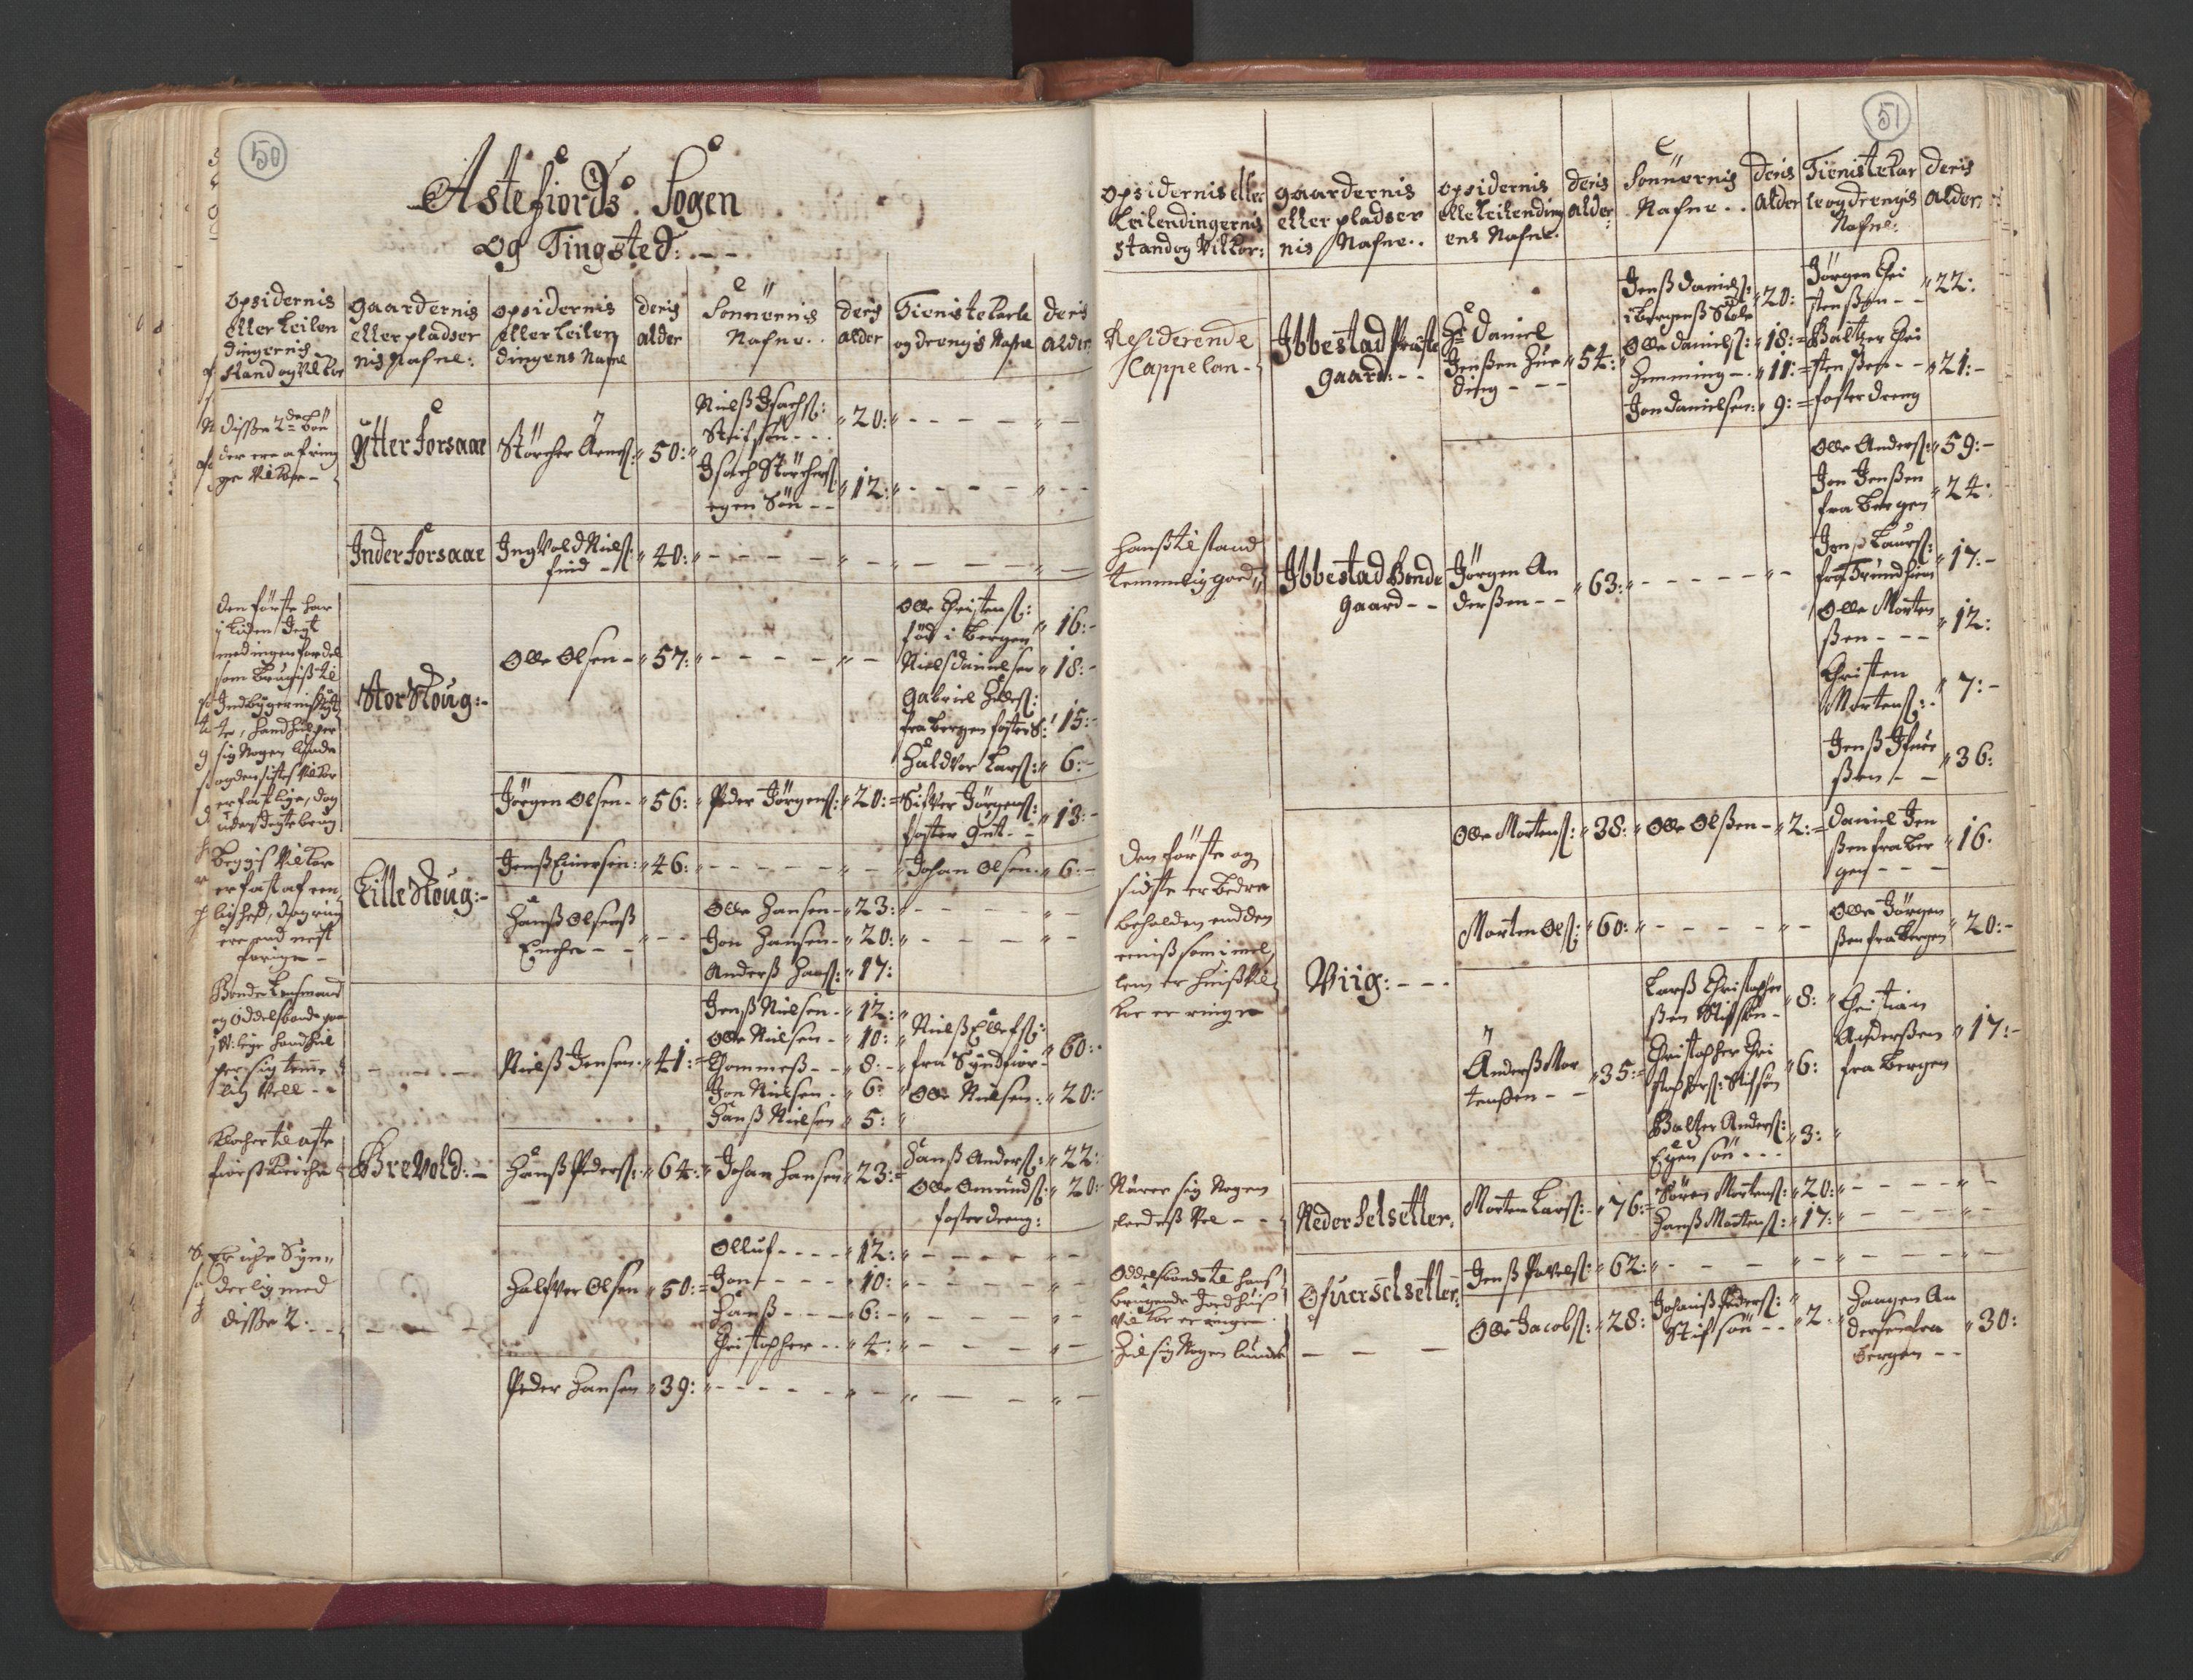 RA, Manntallet 1701, nr. 19: Senja og Tromsø fogderi, 1701, s. 50-51